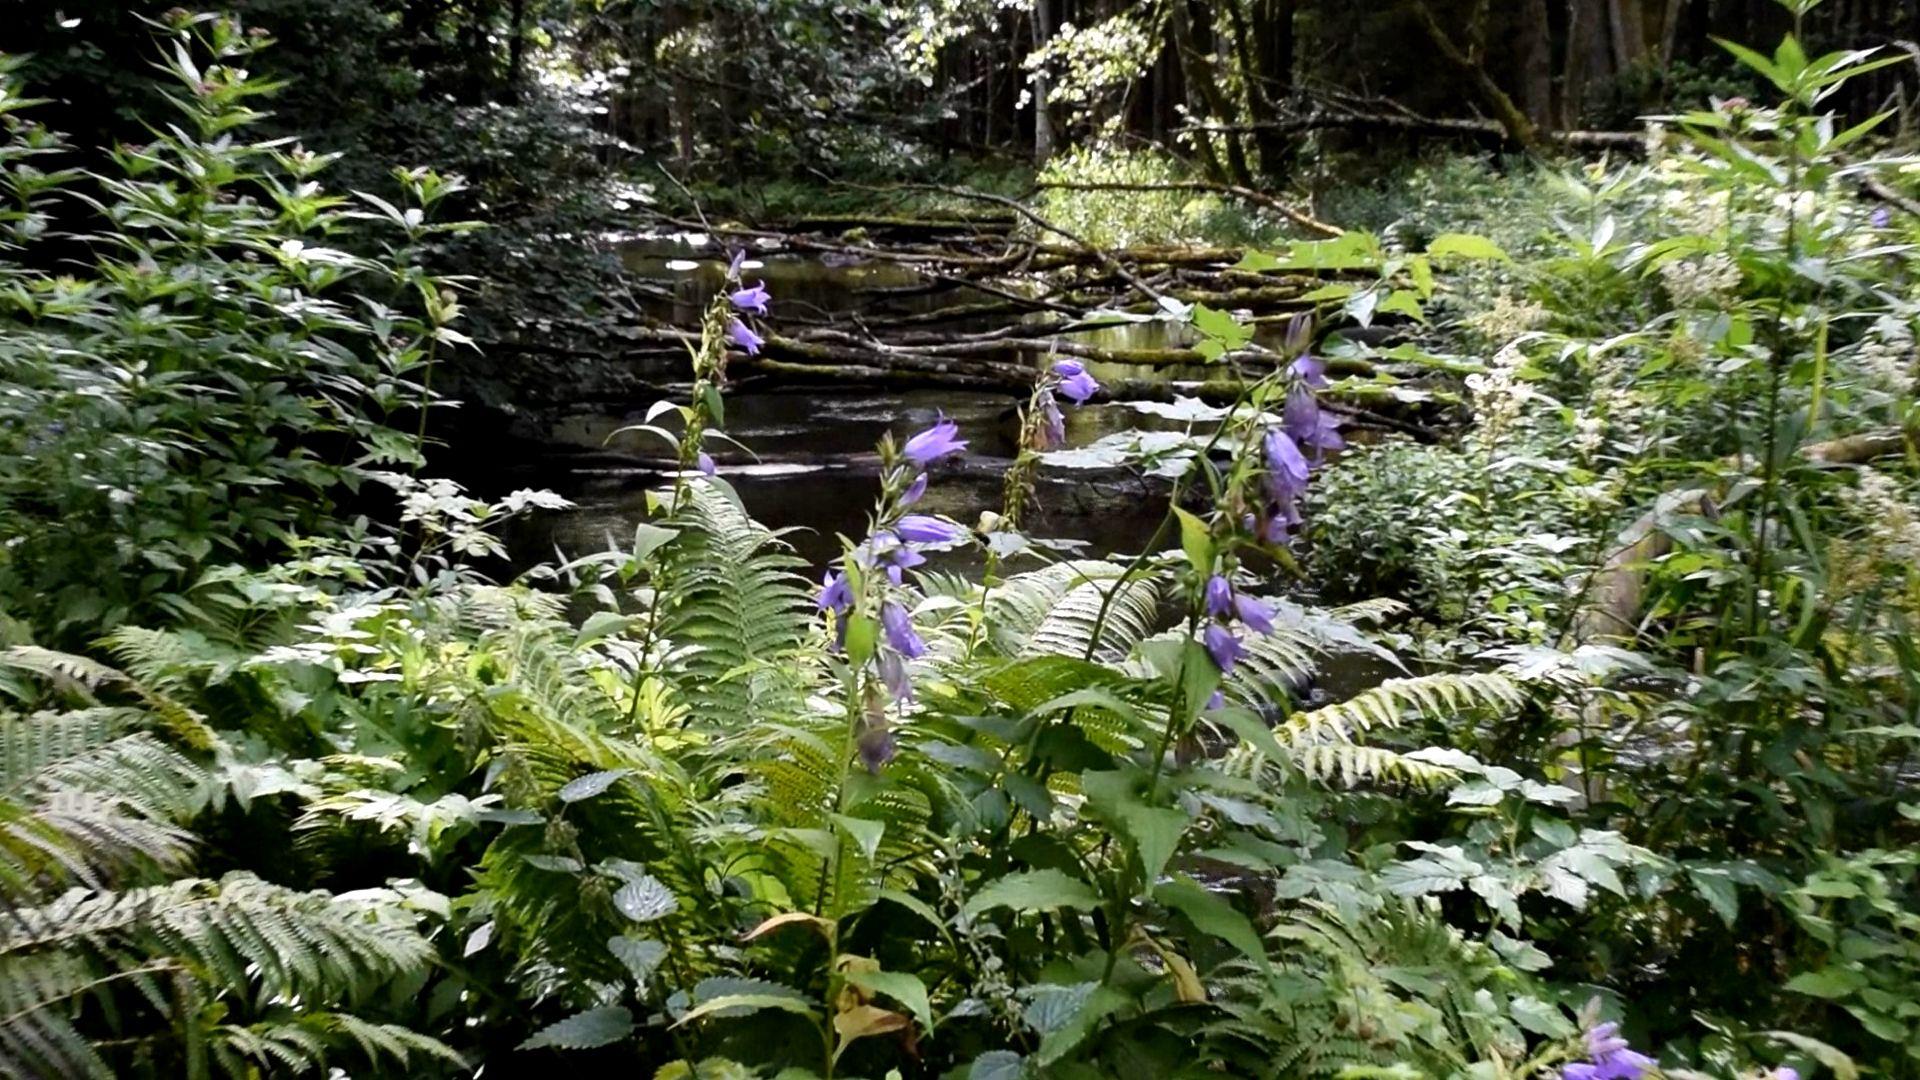 Utemiljön och vår hälsa, skogsmiljö